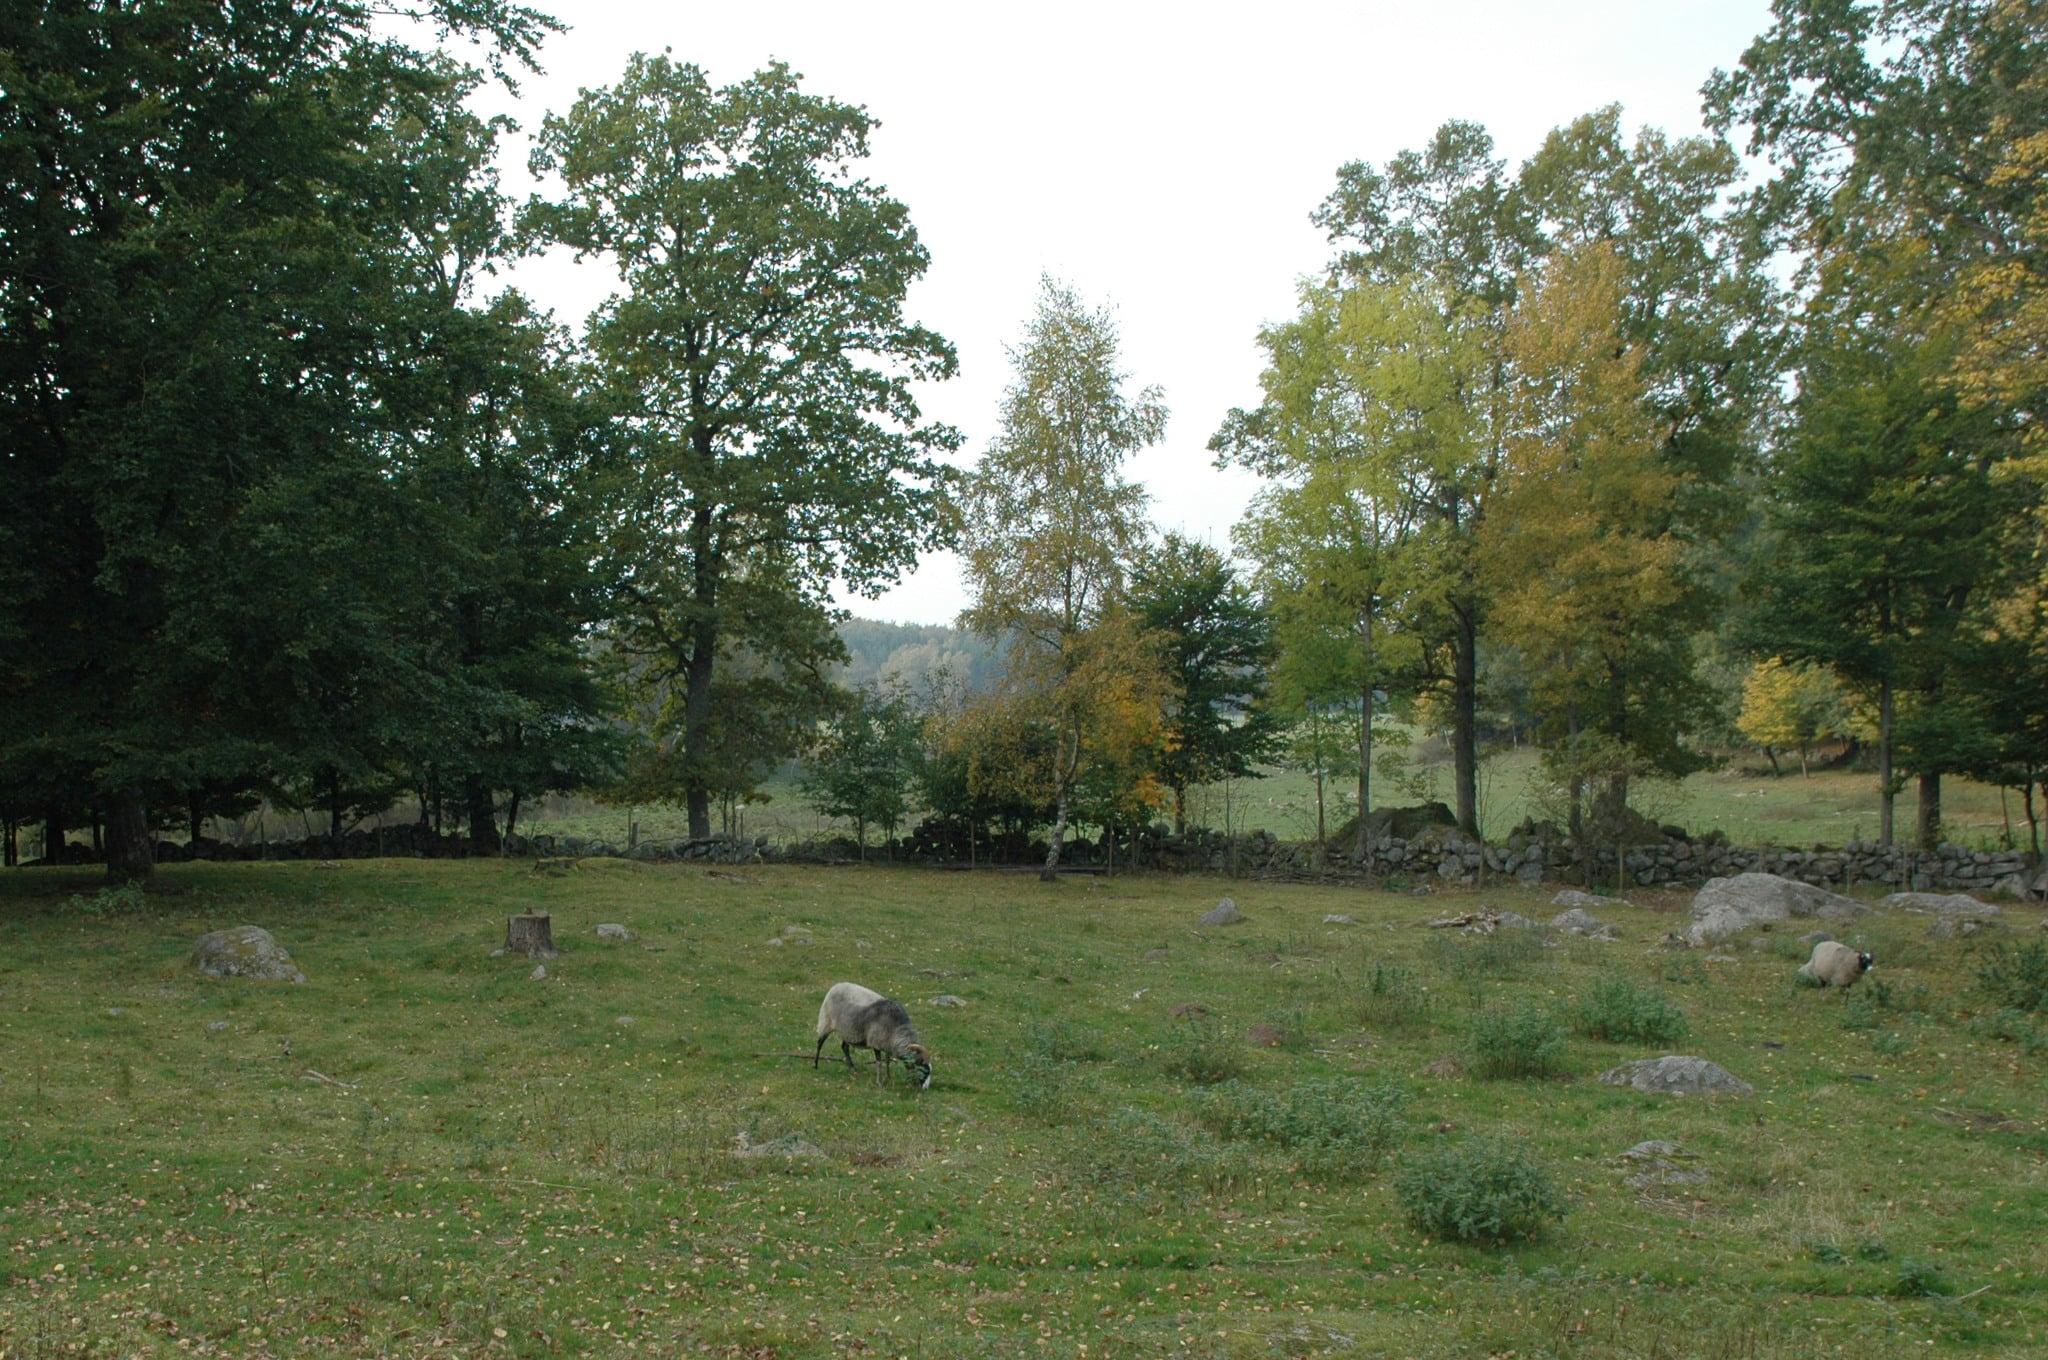 Enligt länsstyrelsen i Kalmar län skyddar man får mot lodjur med ett vanligt fårnät kompletterat med två eltrådar, en hög och en låg. Foto: Marie Gadolin